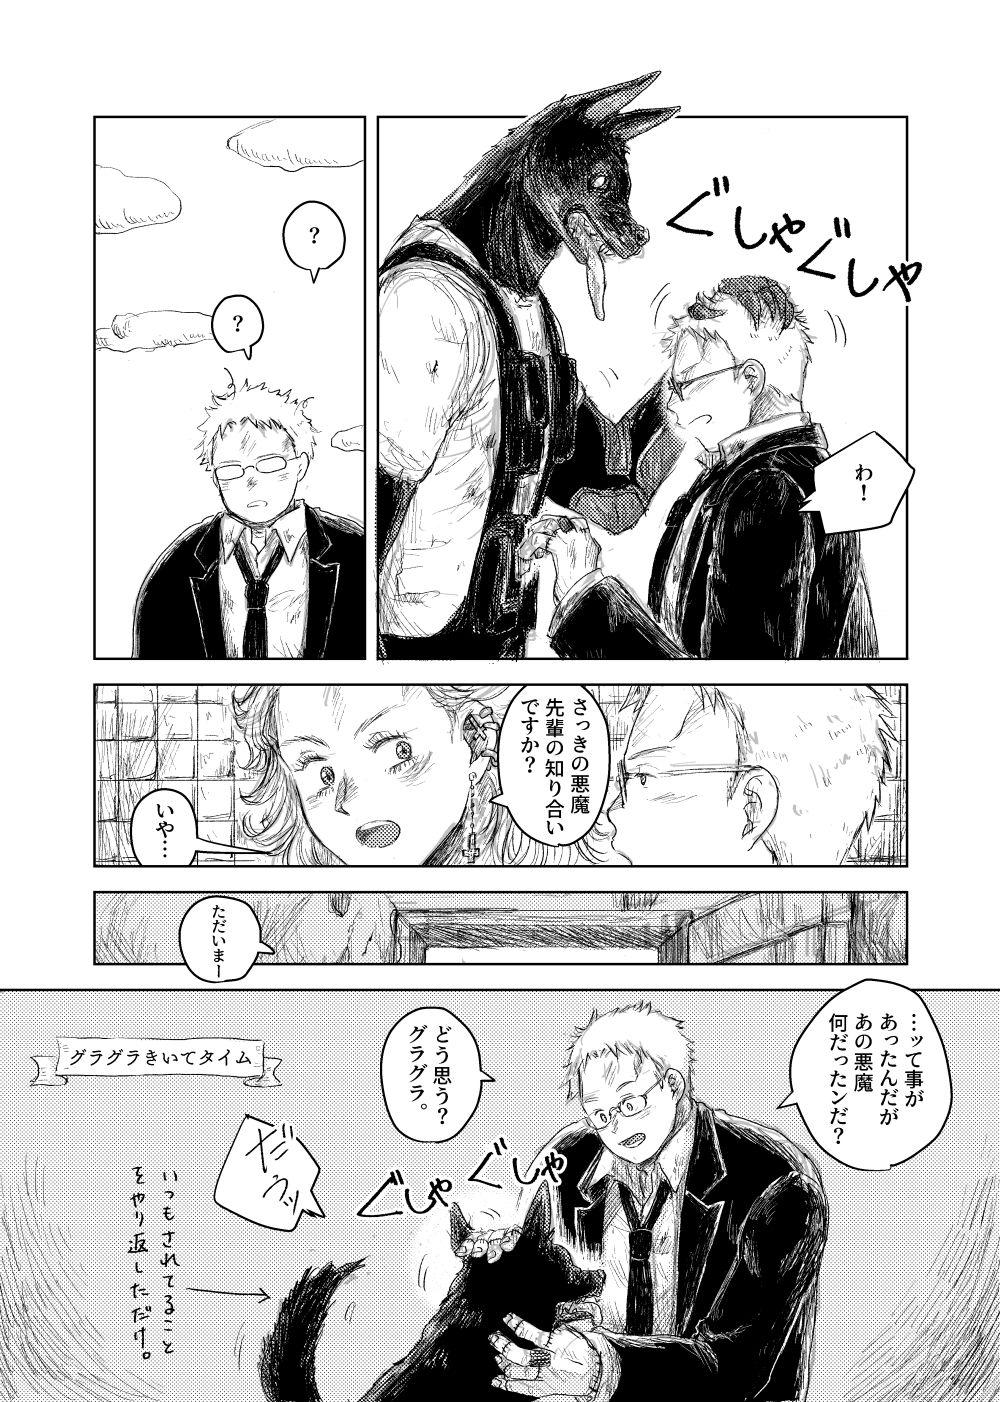 Pin by やきとり on Dorohedoro in 2020 Manga, Twitter, Movie